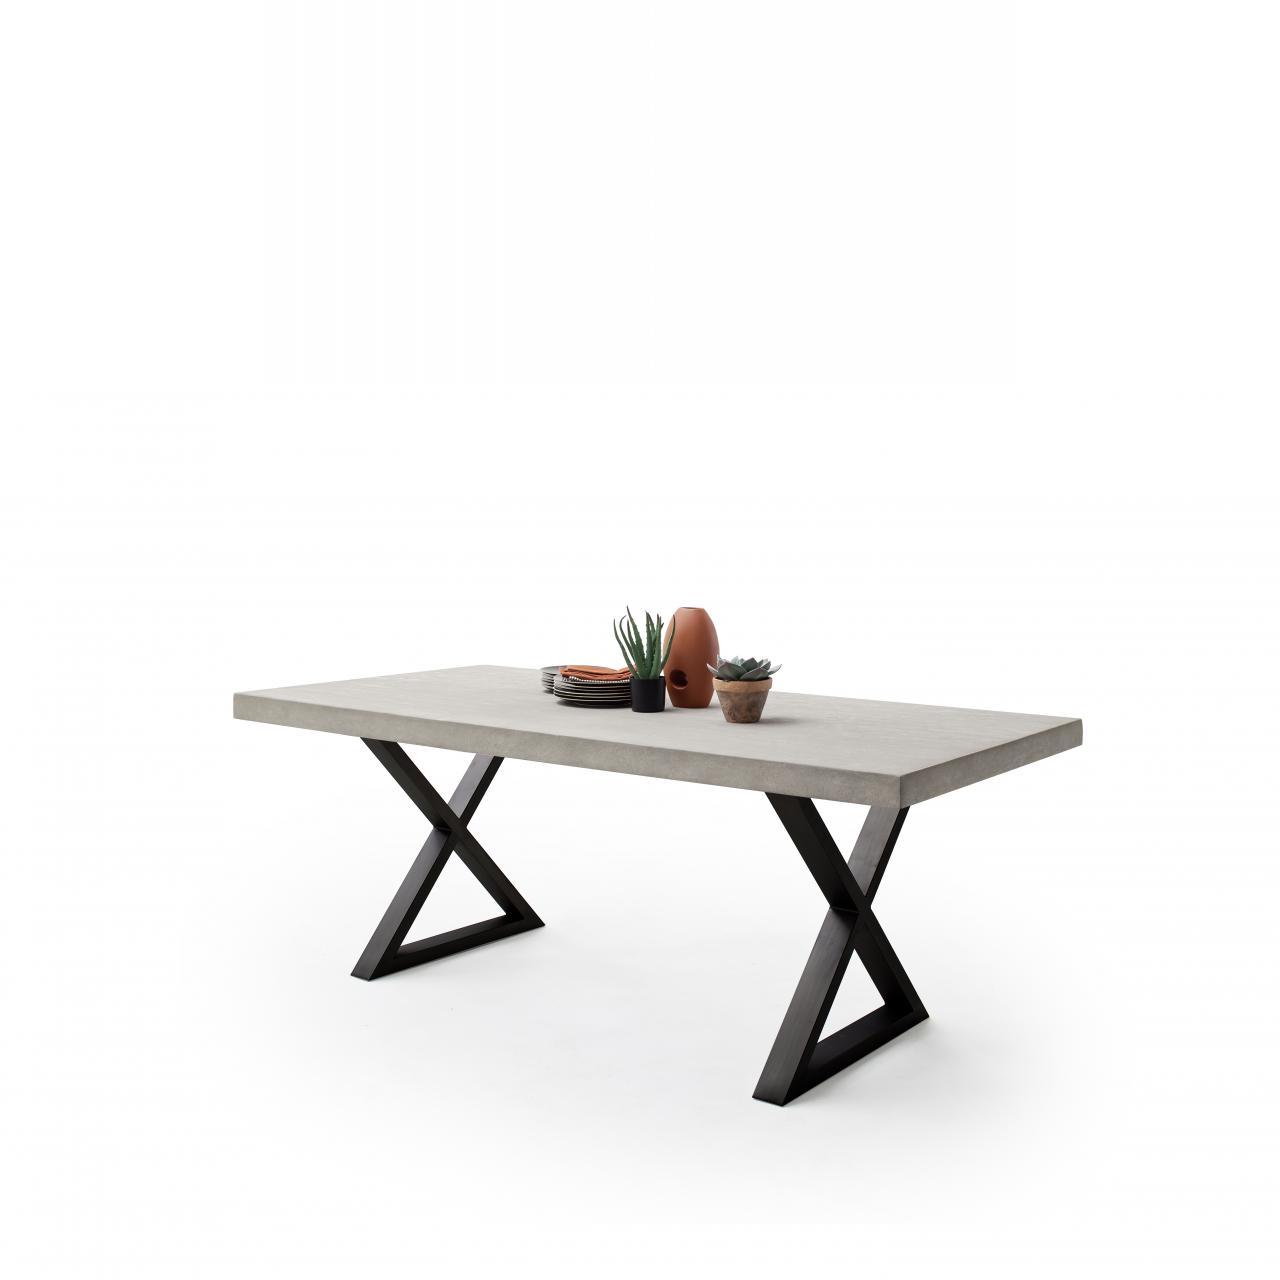 Esstisch Dahlia 220x100 cm Holzplatte betonbeschichtet Metallgestell X Form